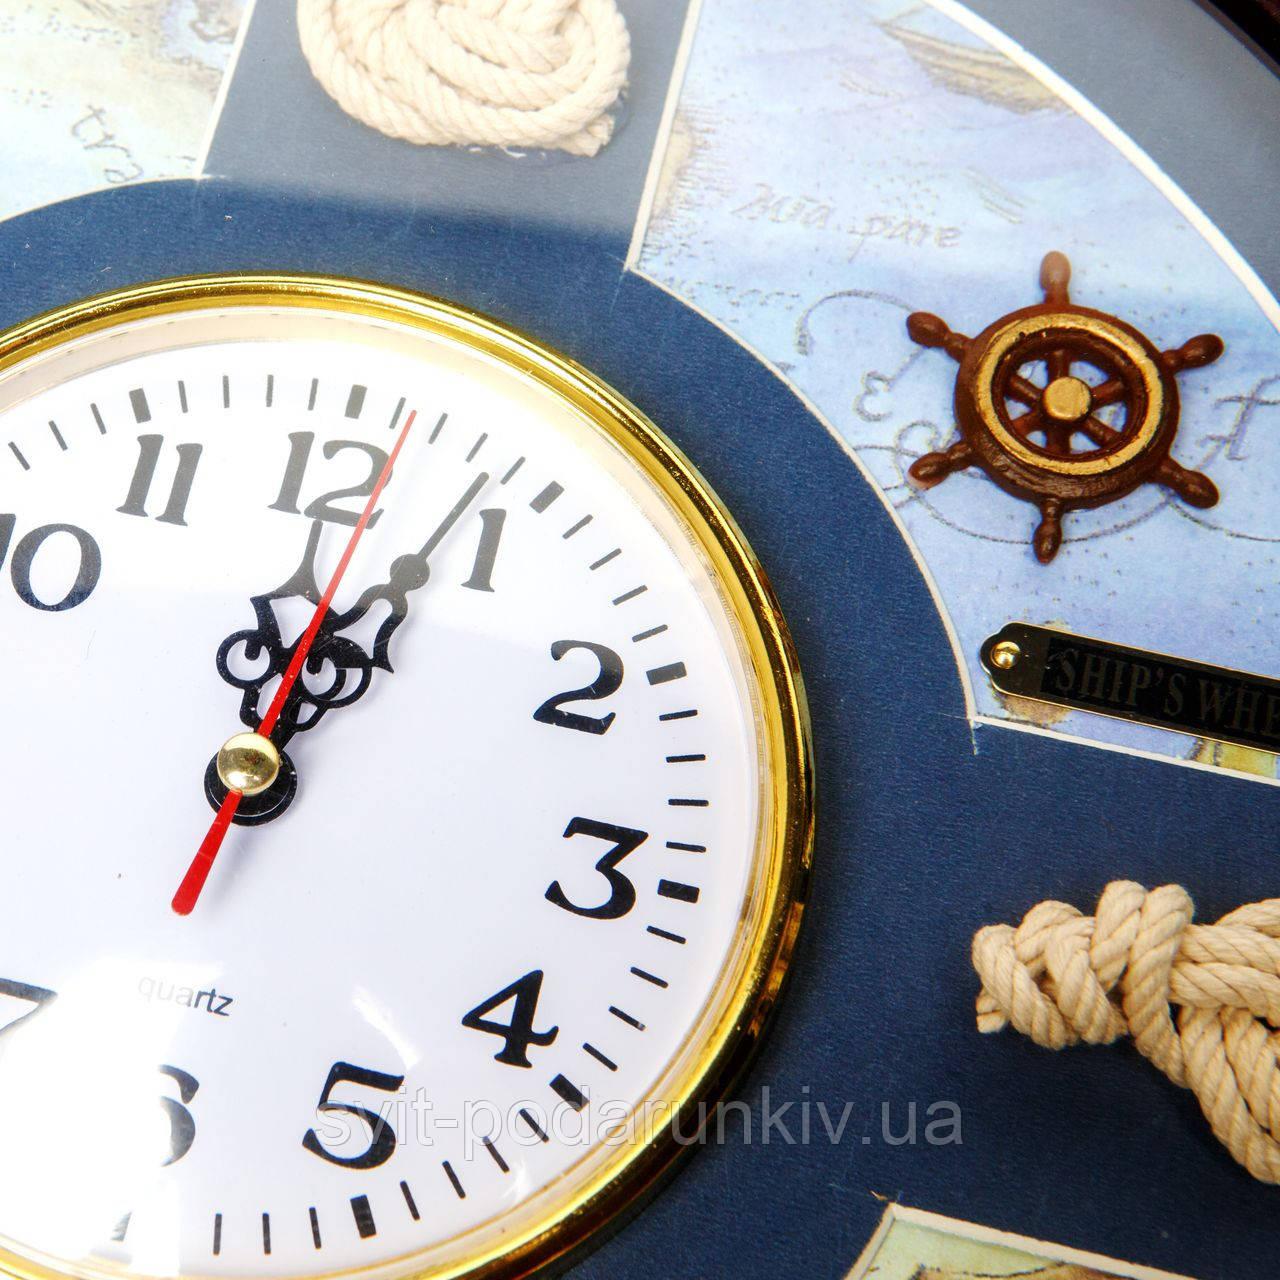 часы с морской тематикой